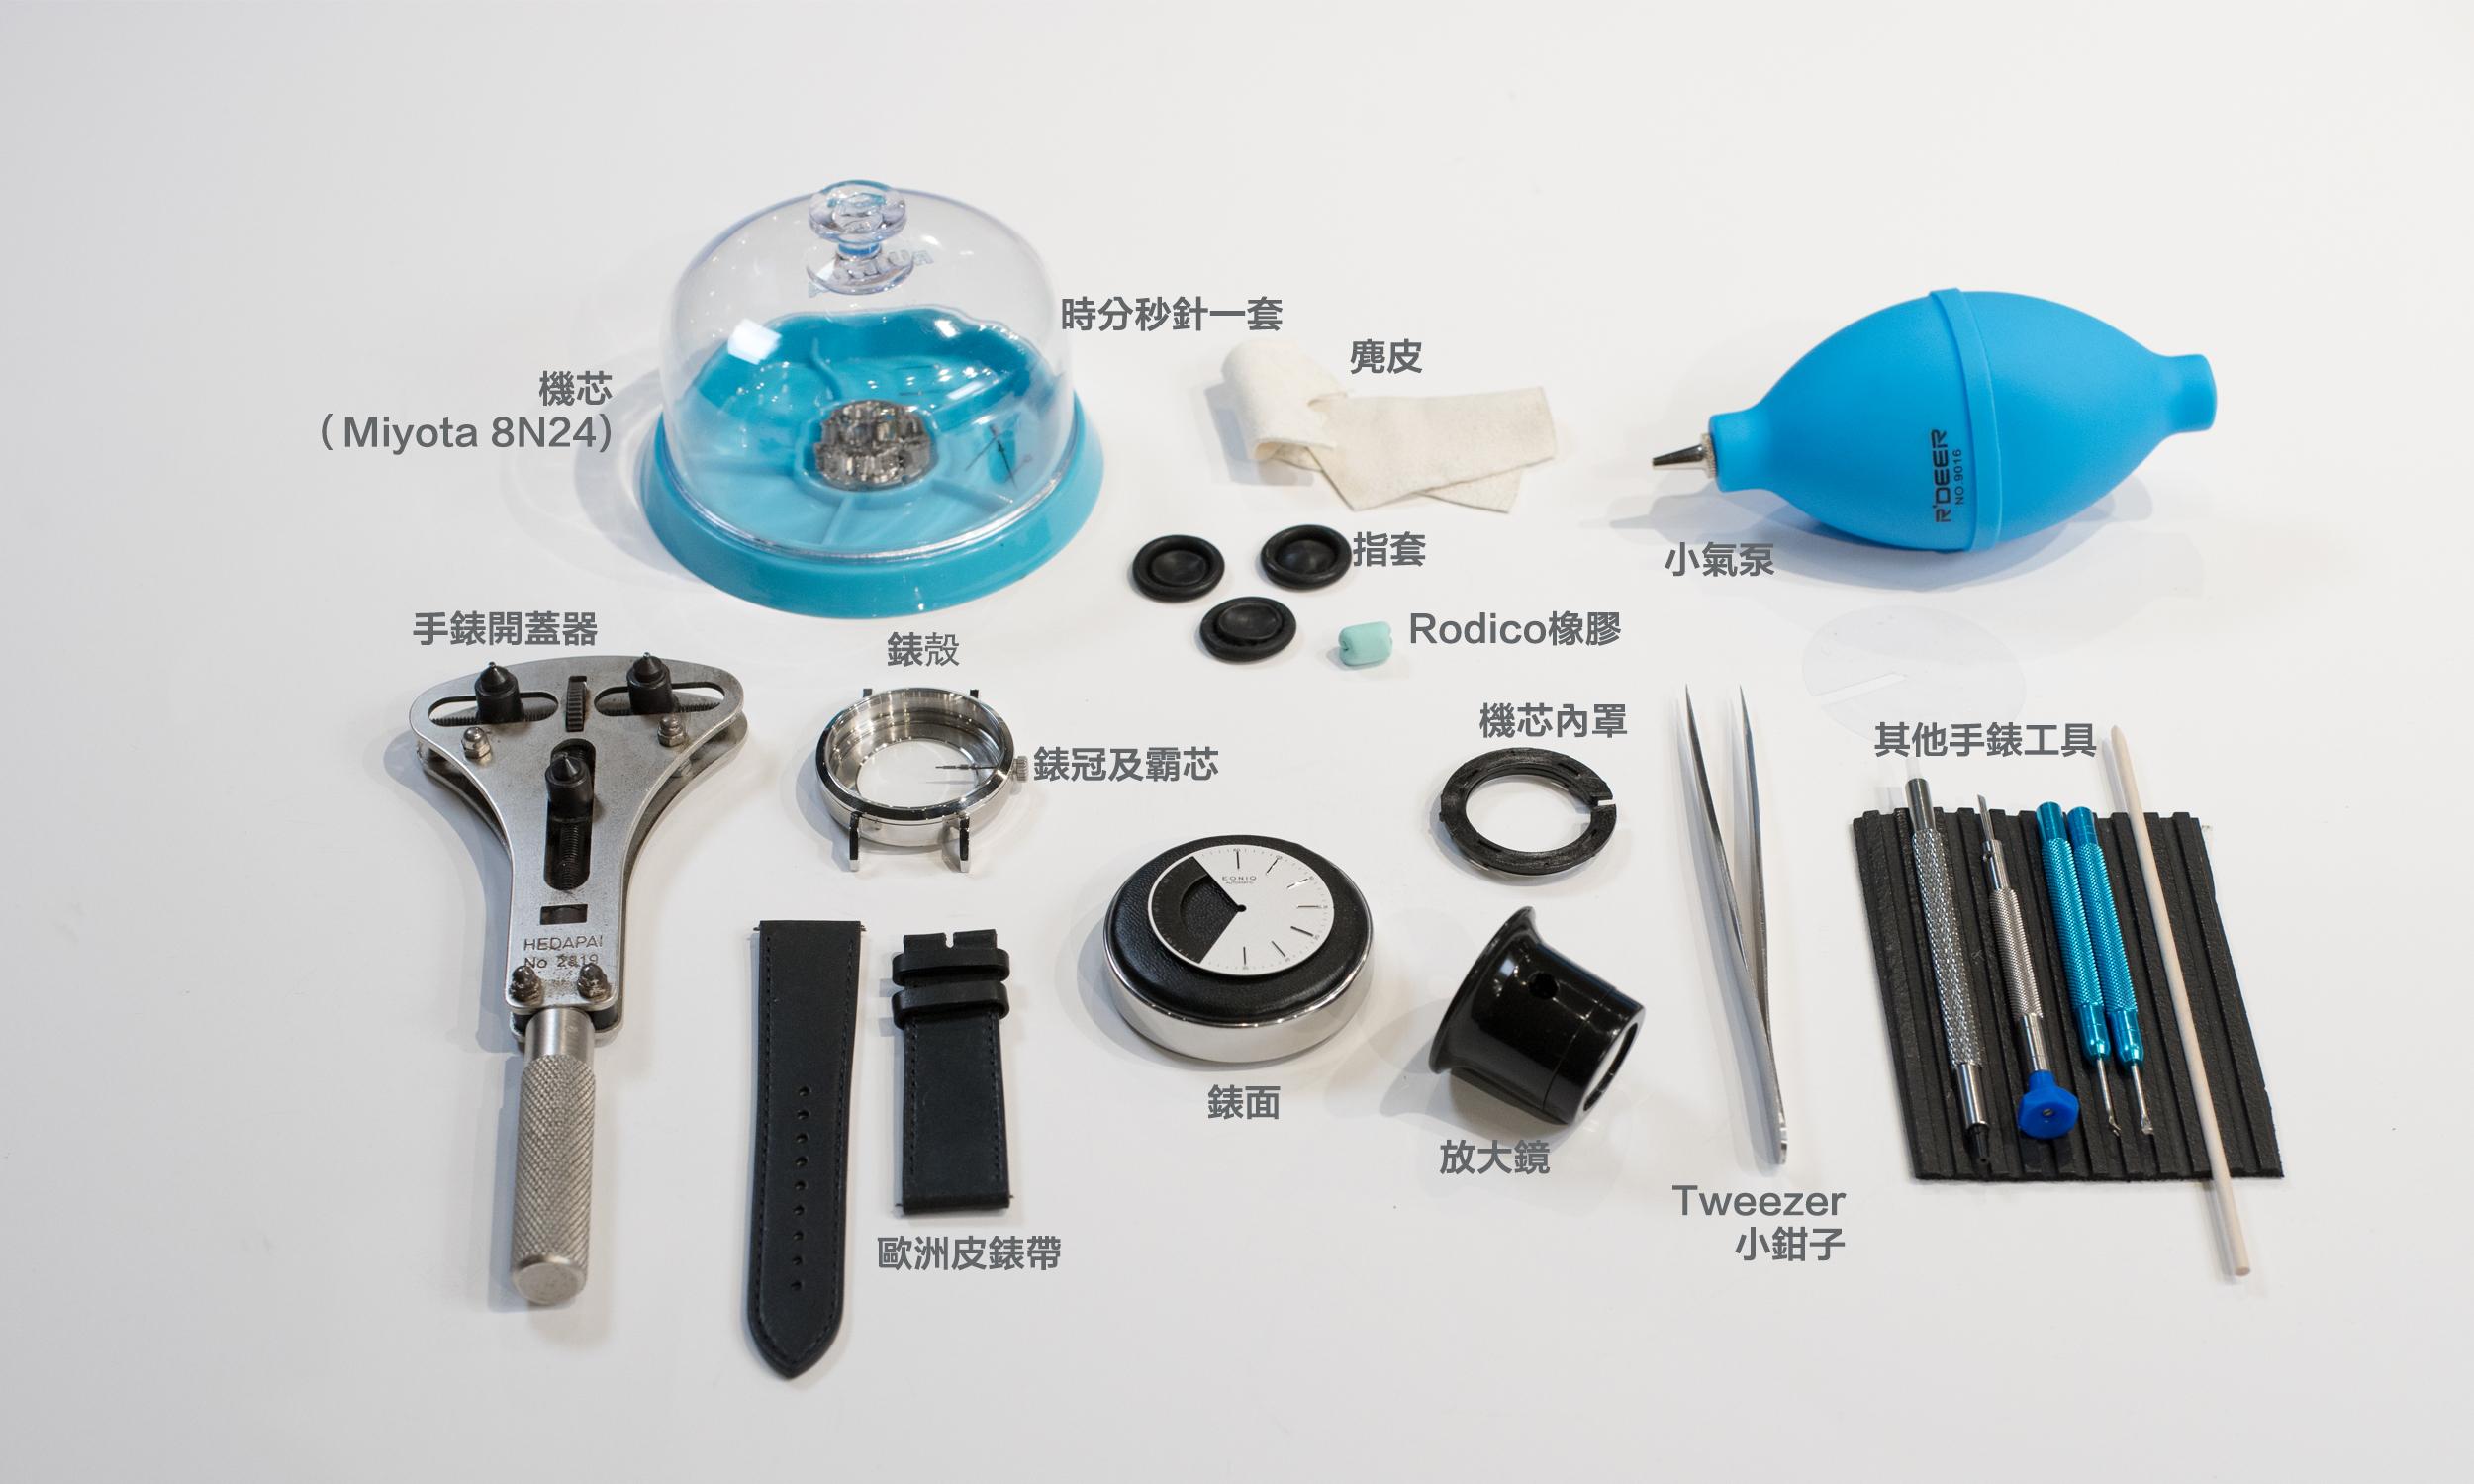 EONIQ會提供一切所有所需的工具及腕錶零件